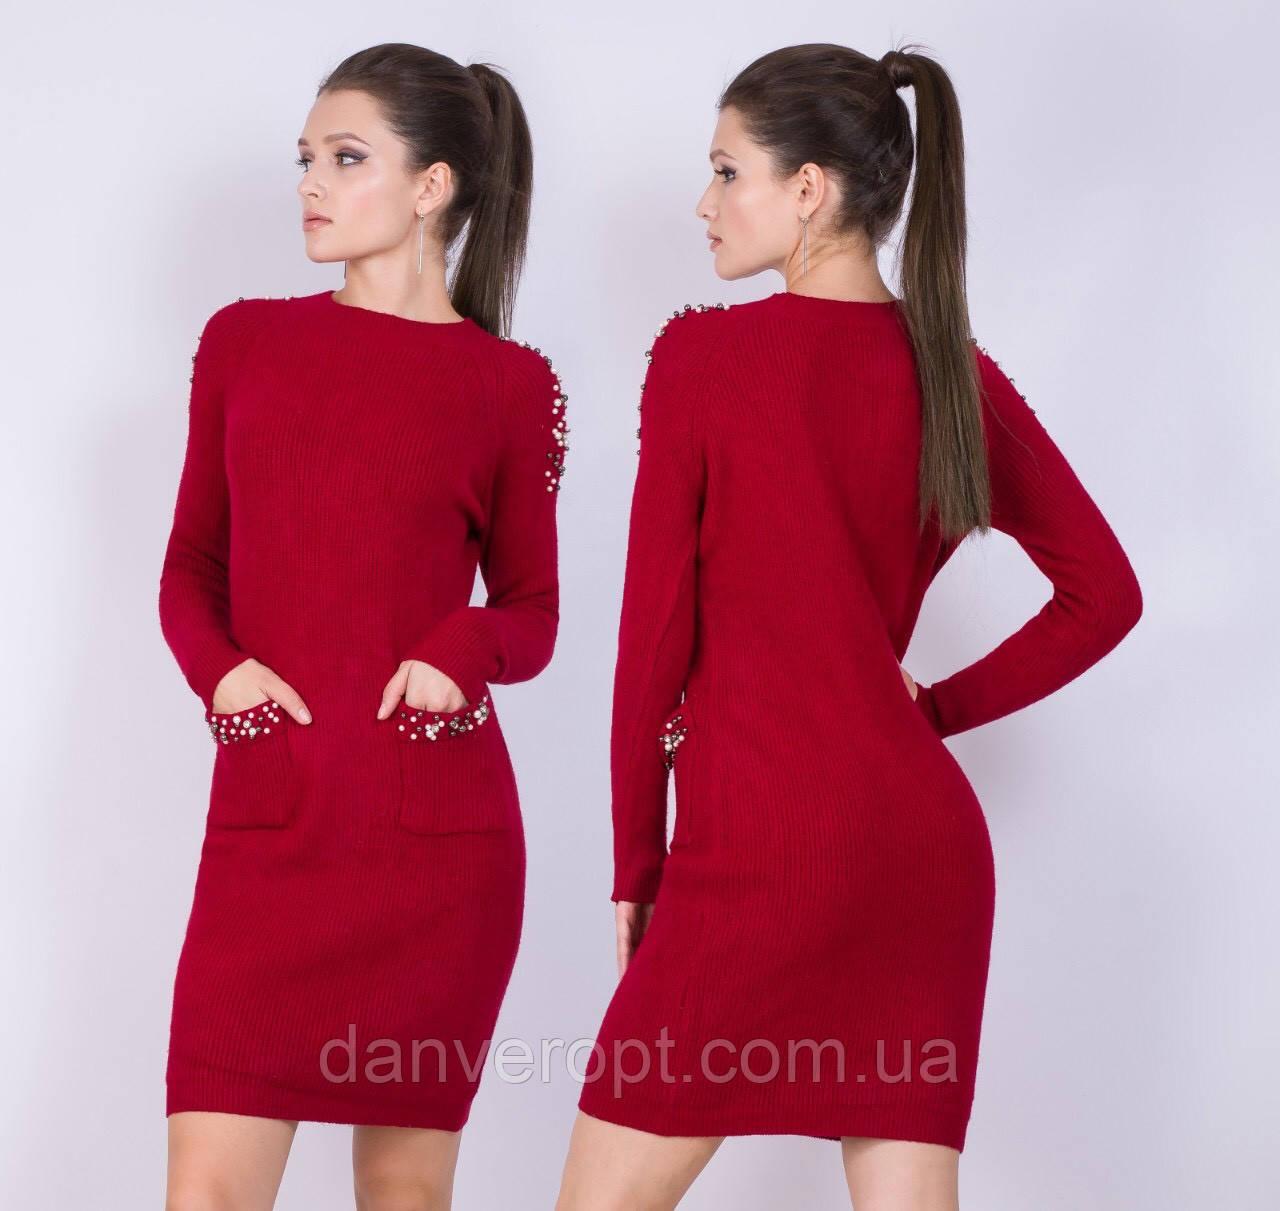 Платье женское модное стильное с жемчугом размер универсальный 46-50 купить оптом со склада 7км Одесса